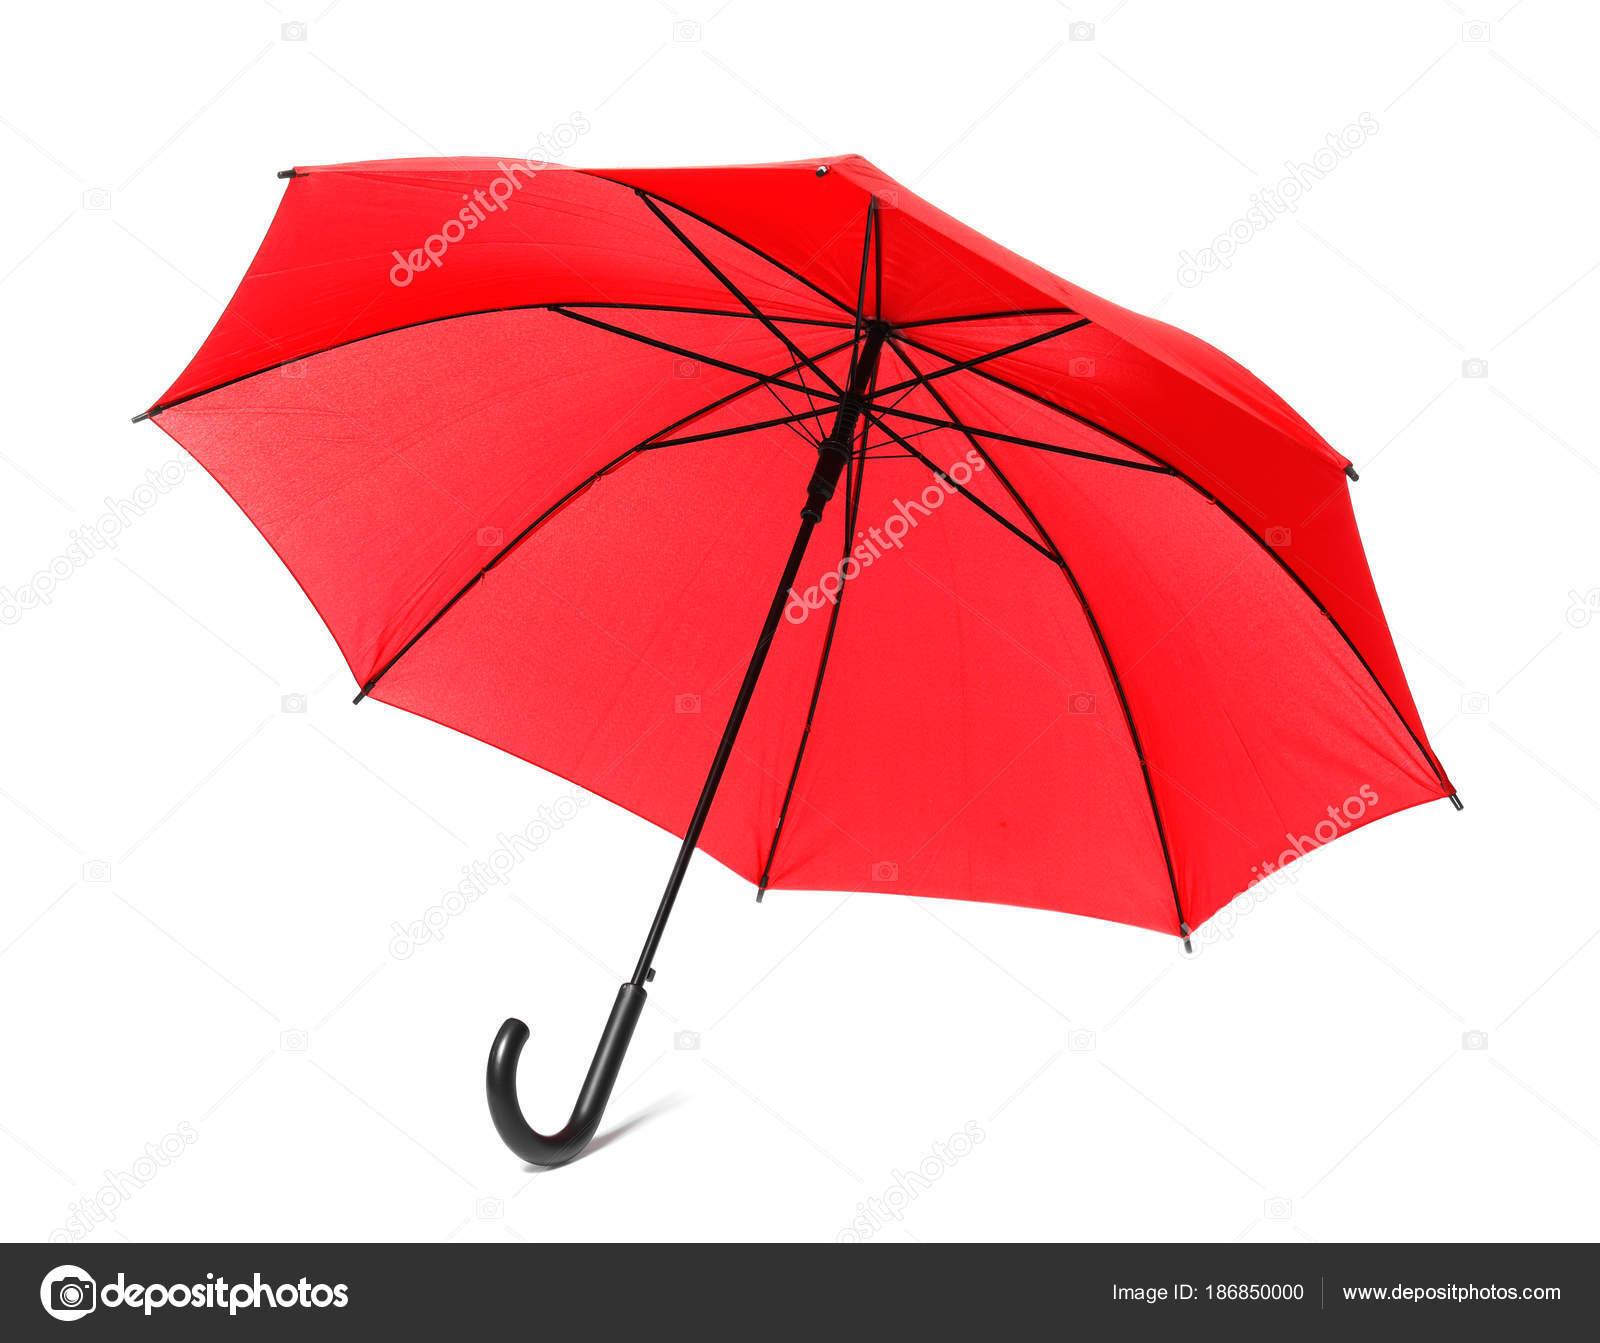 vente chaude en ligne 9e126 58c88 Parapluie rouge élégant — Photographie belchonock © #186850000